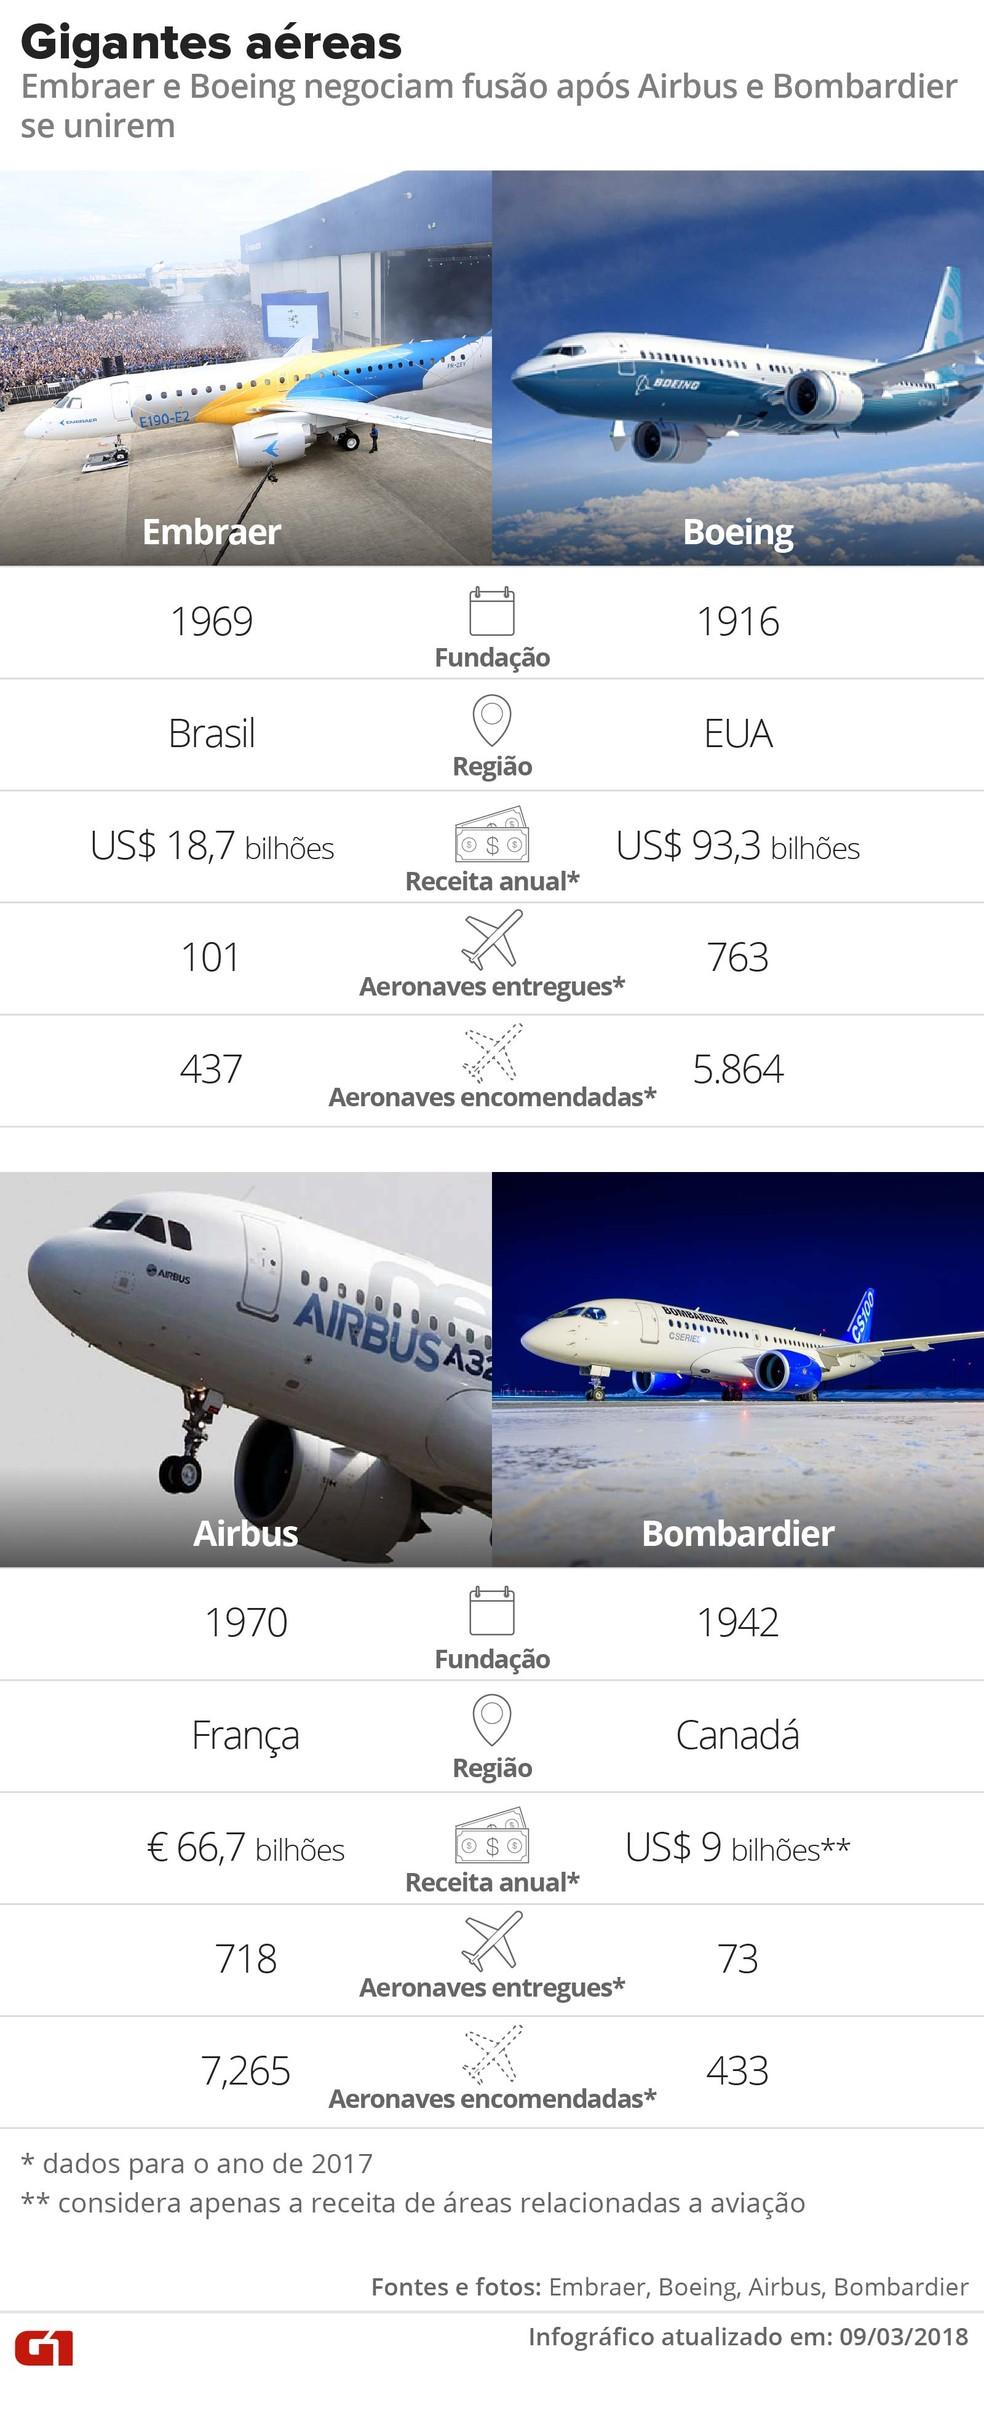 Situação das gigantes aéreas Embraer, Boeing, Airbus e Bombardier  (Foto: Infográfico/Alexandre Mauro)